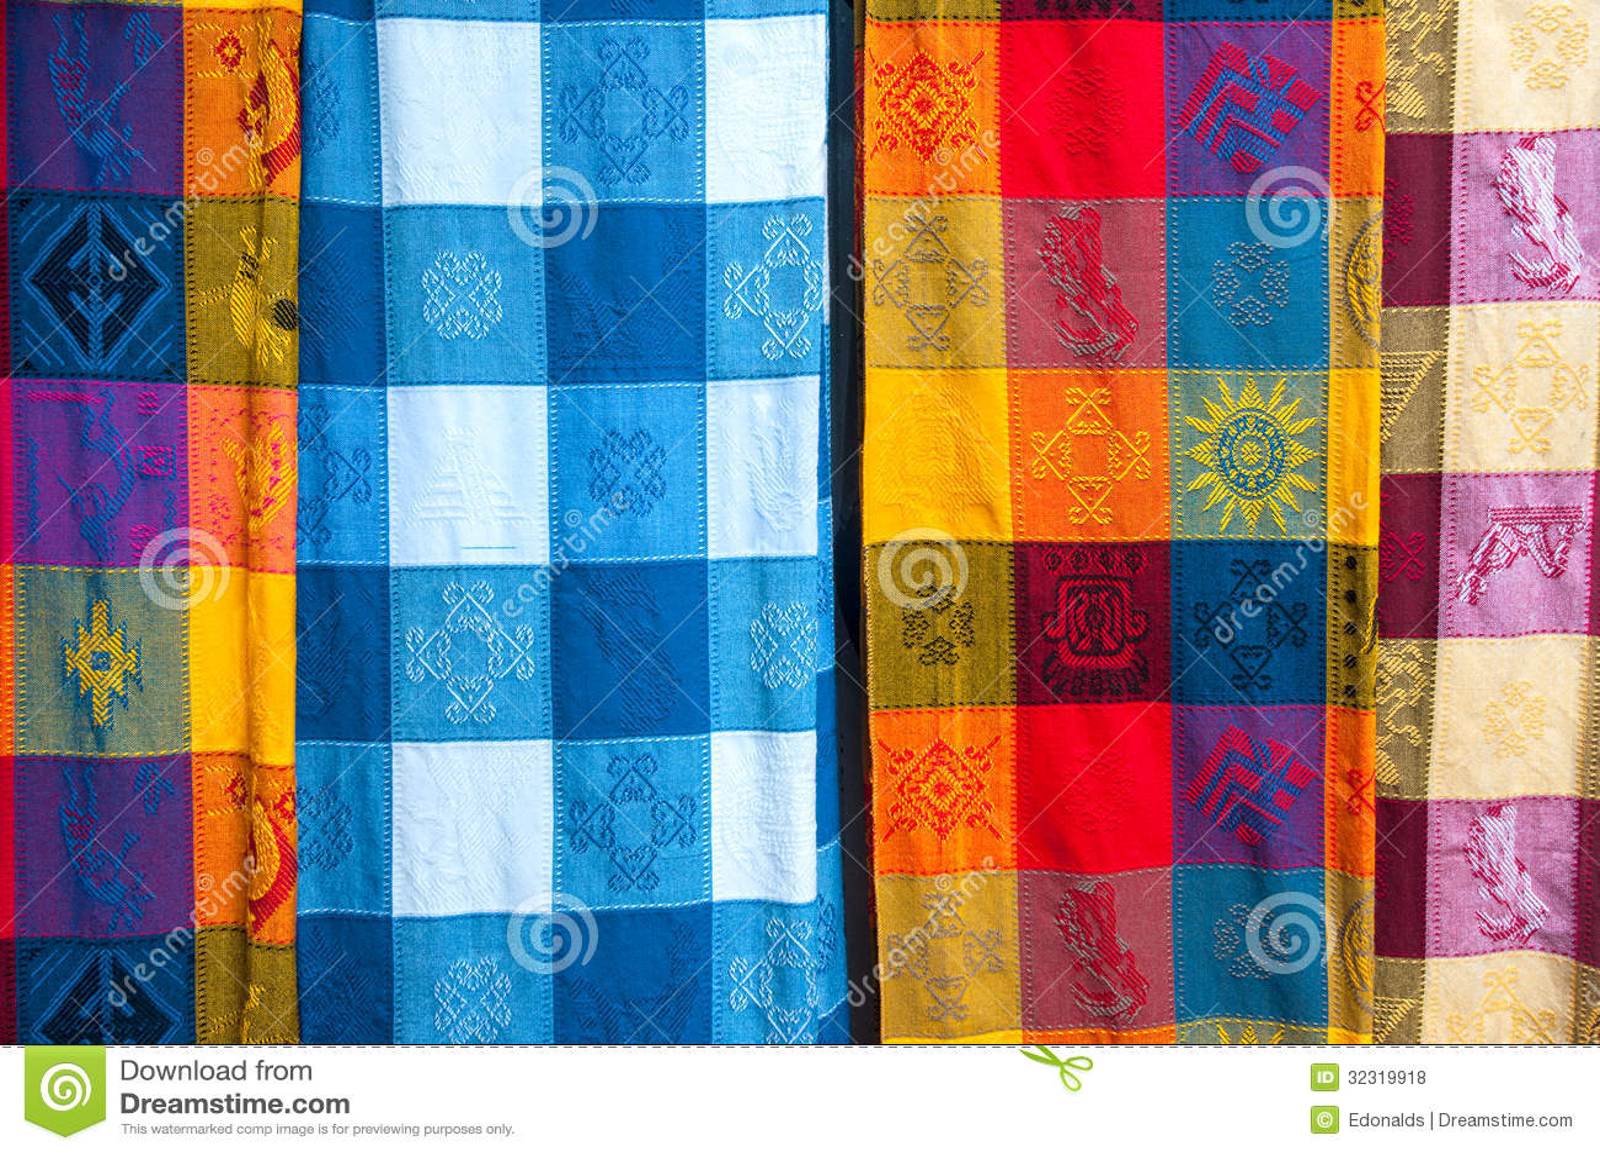 mexikanische tischdecken lizenzfreie stockfotos bild 32319918. Black Bedroom Furniture Sets. Home Design Ideas